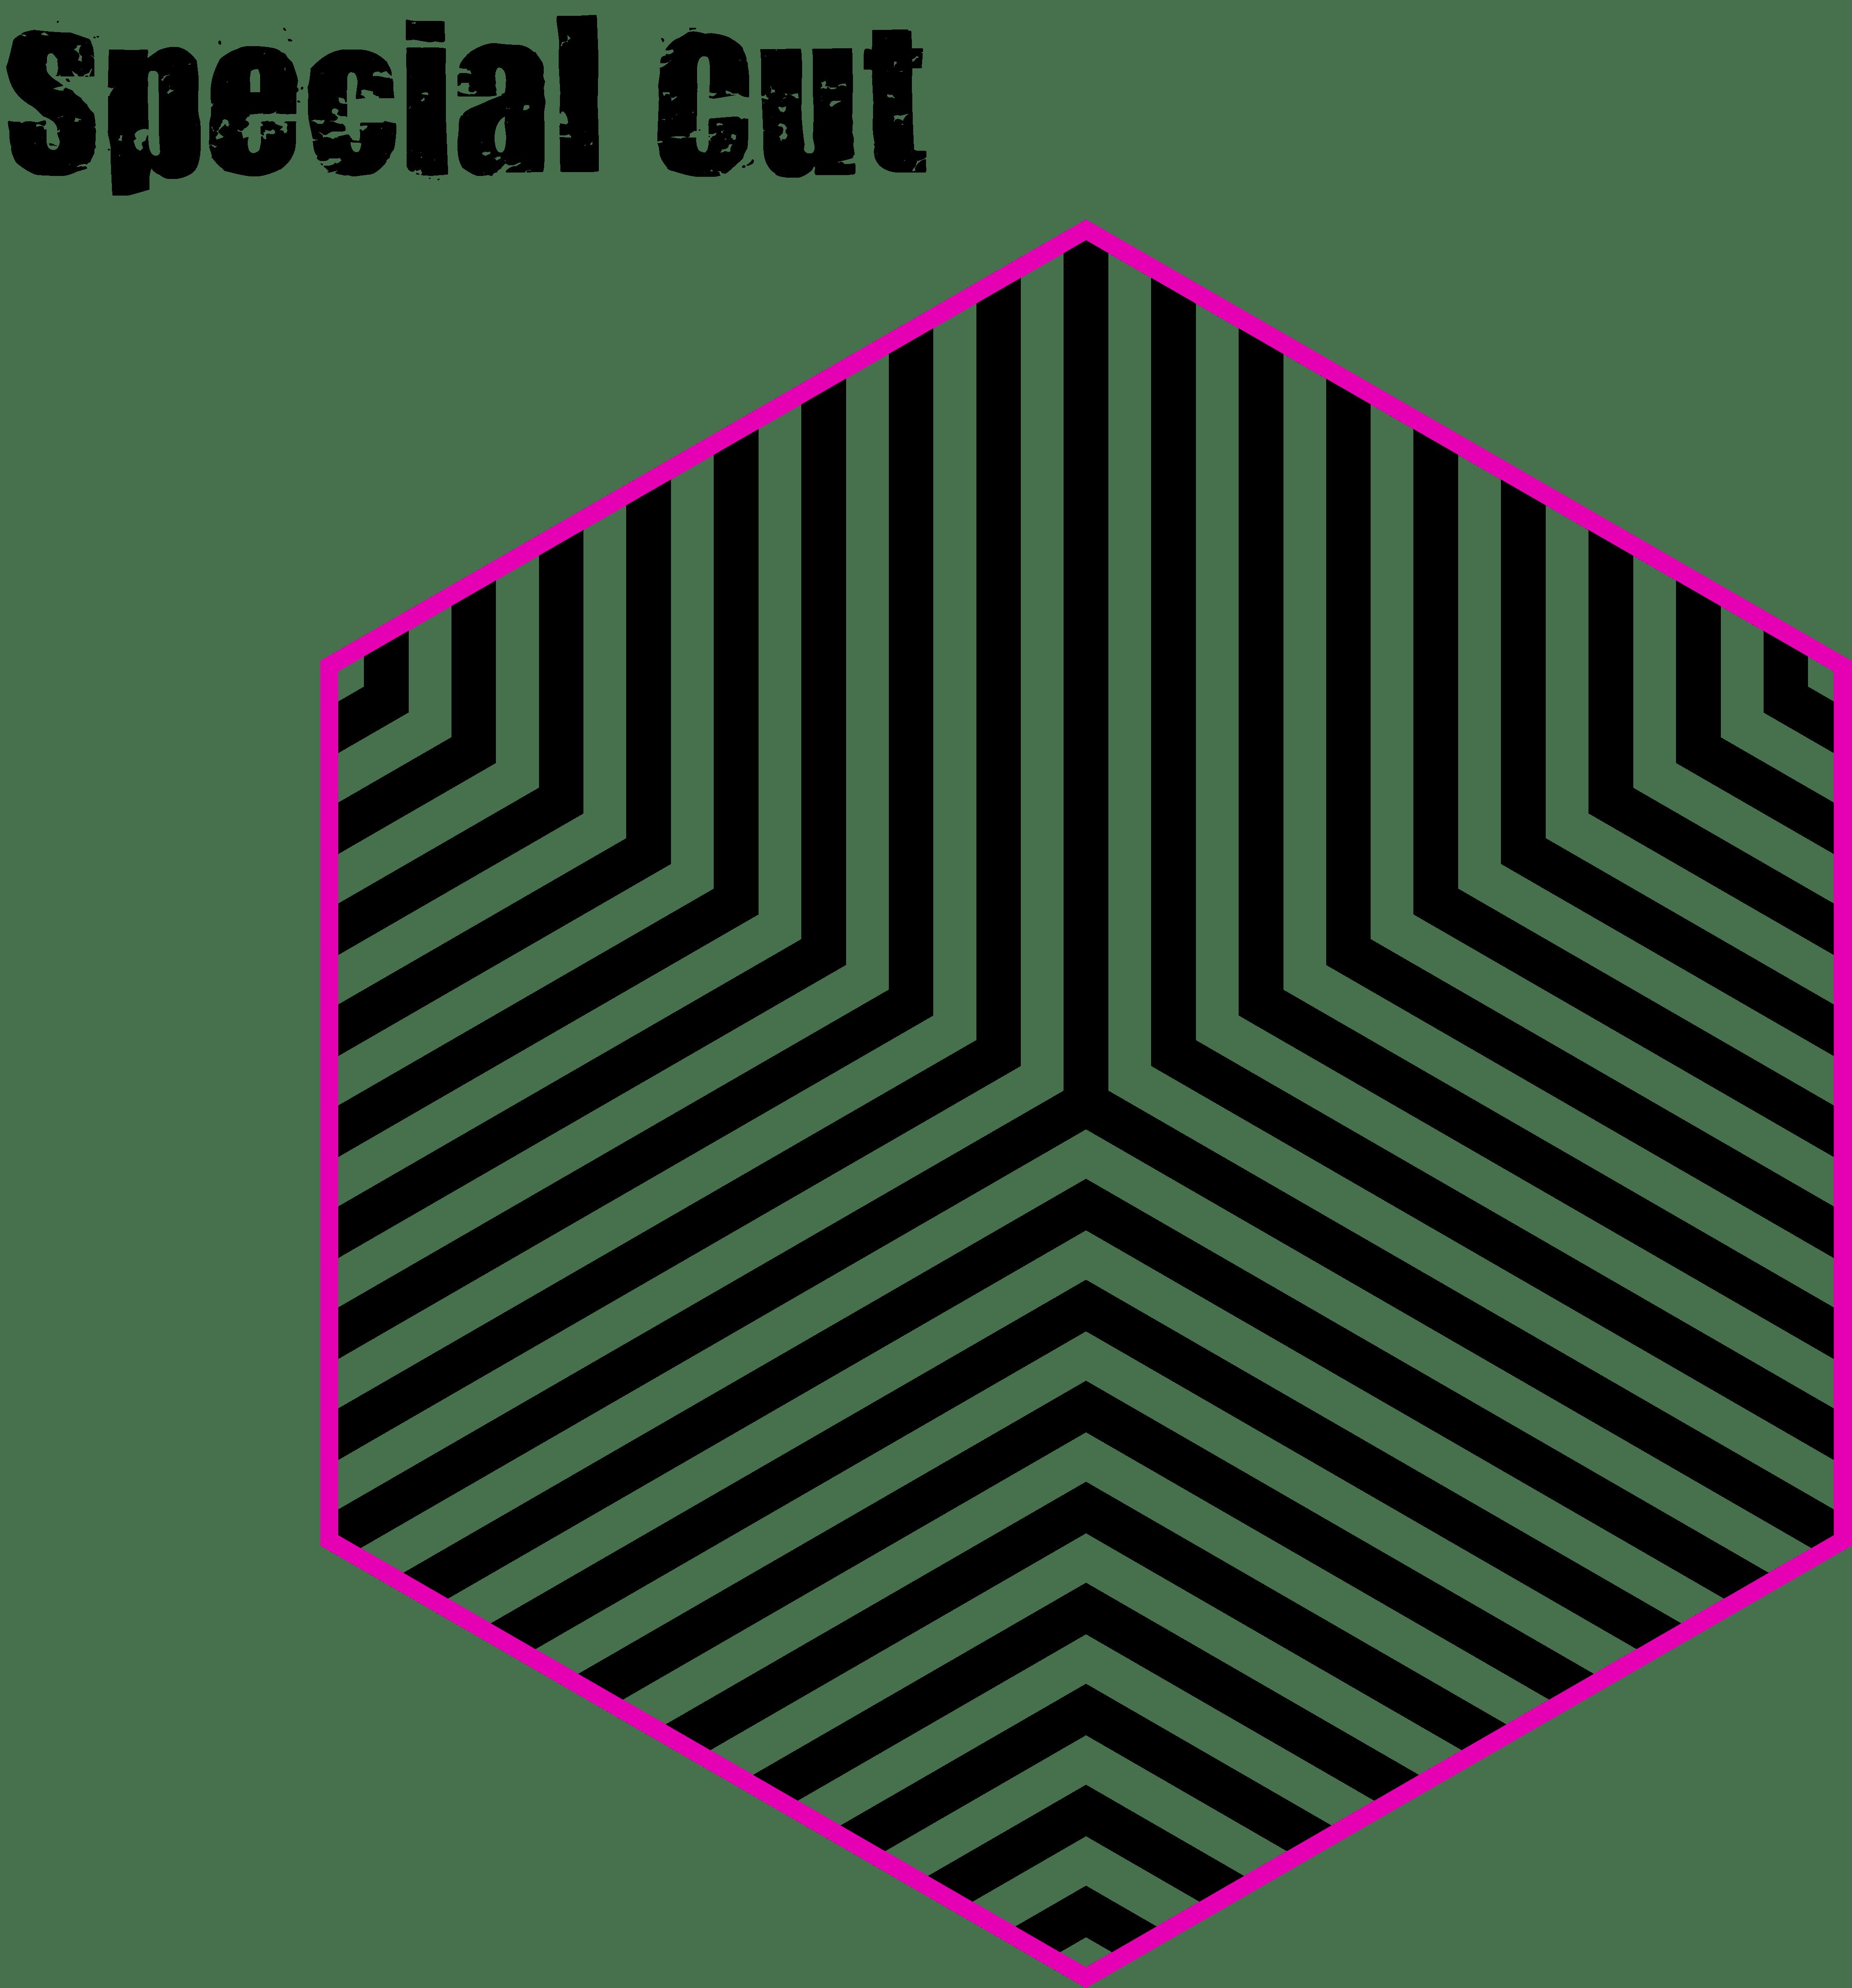 special cut design